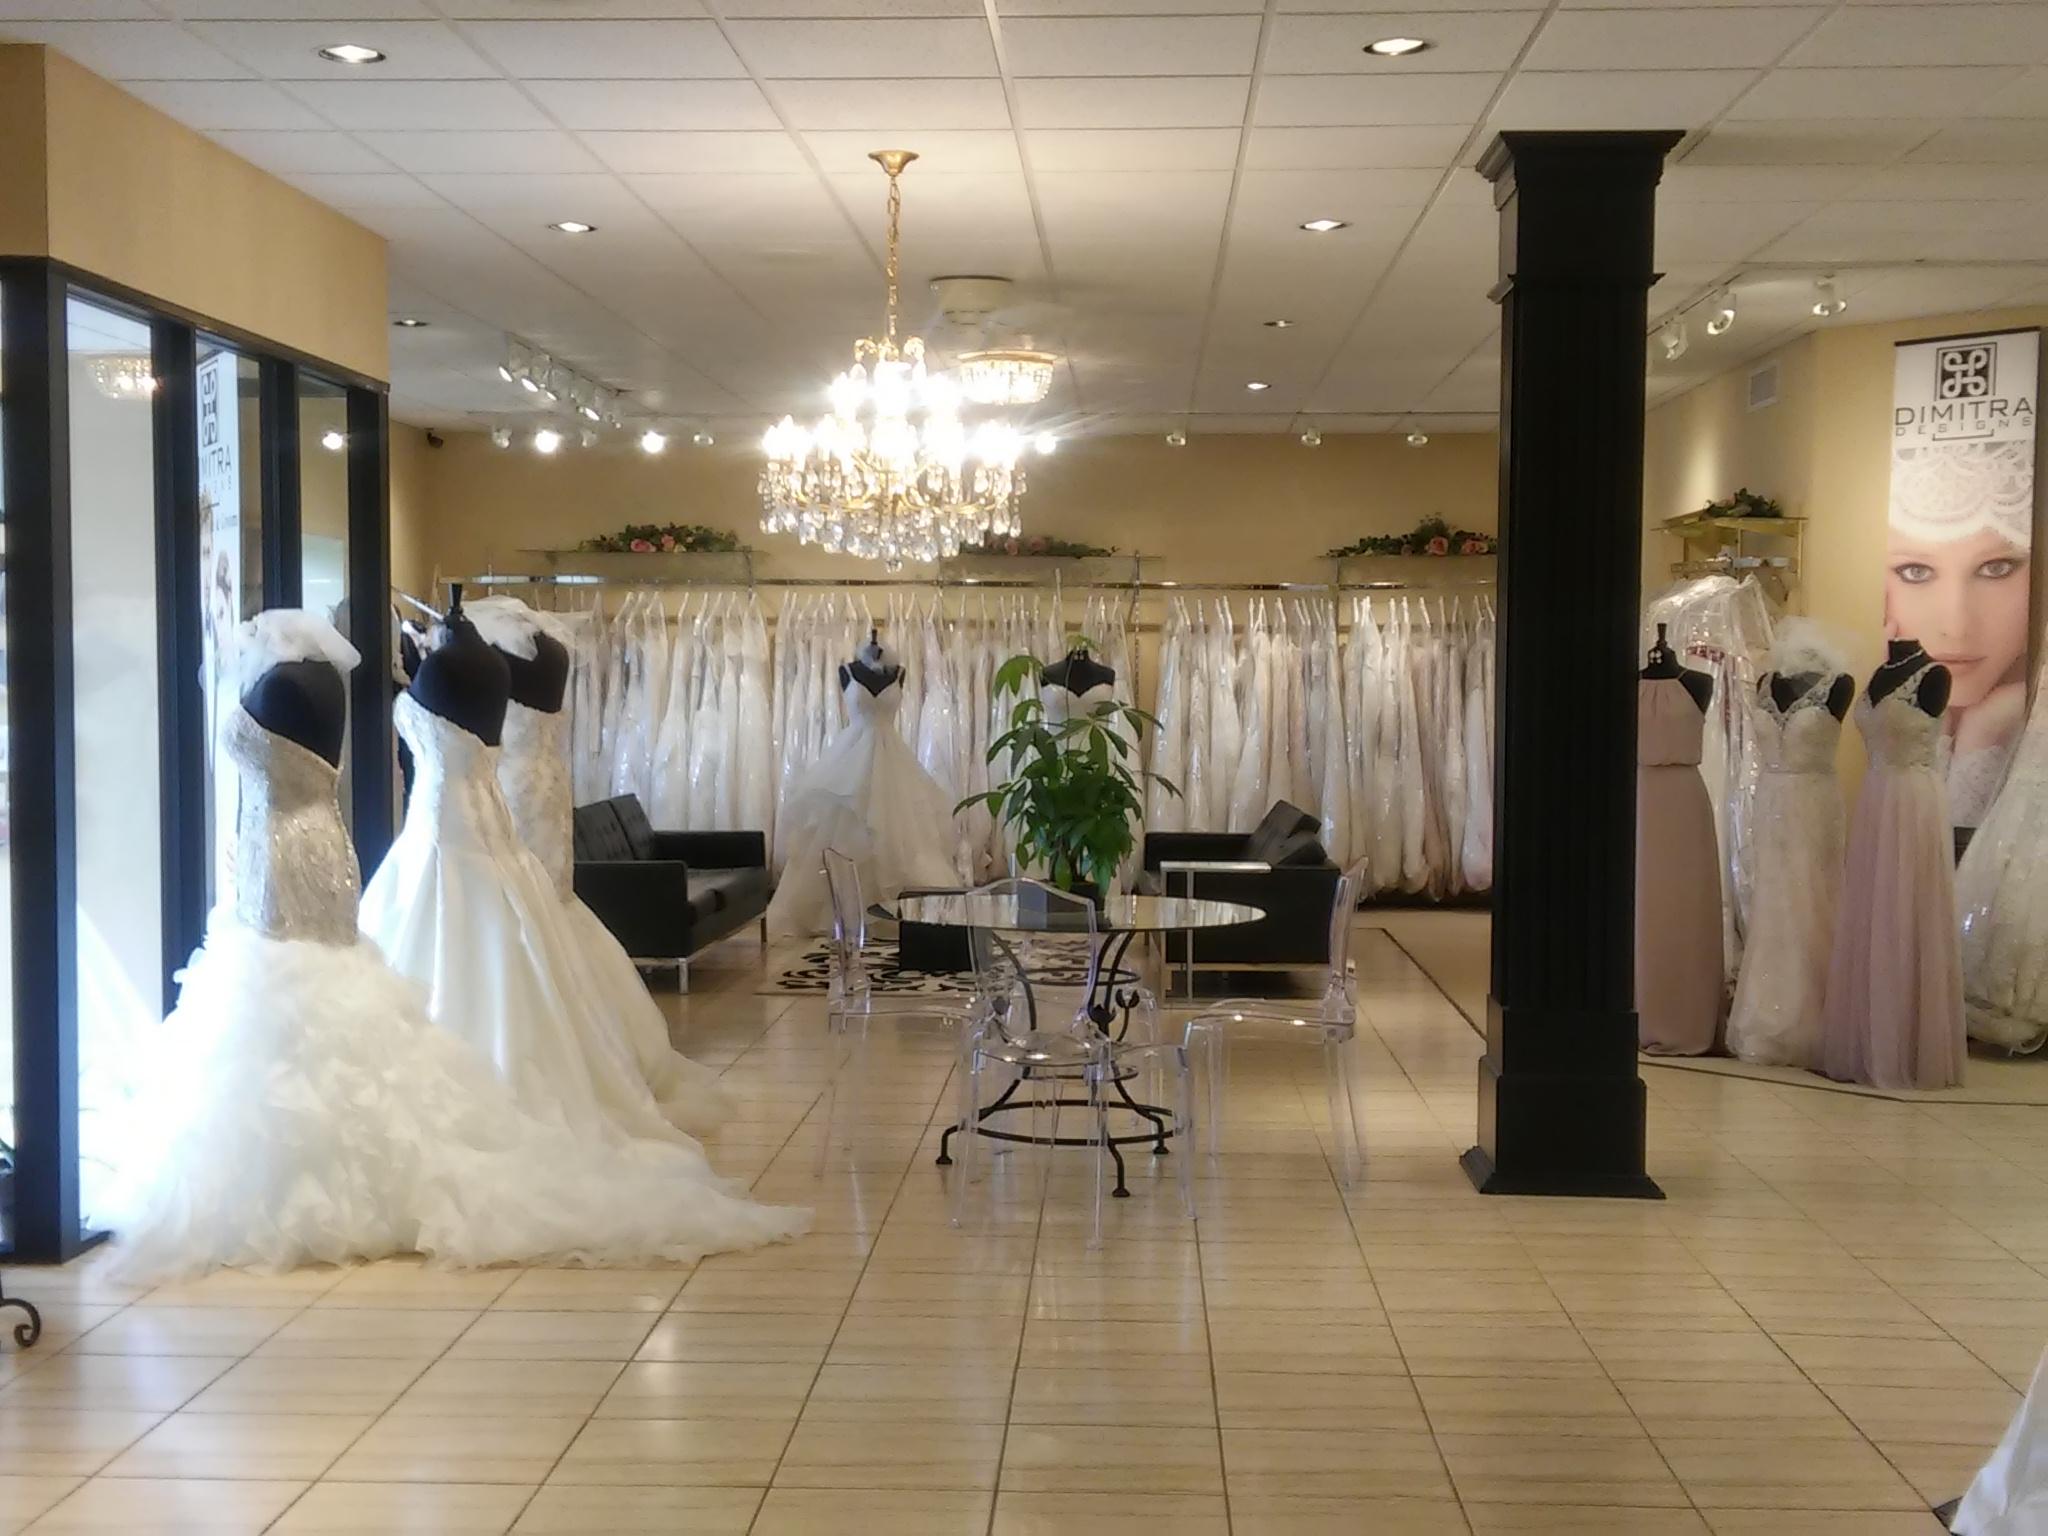 Dimitra Designs Bridal Emporium 303 N Pleasantburg Dr